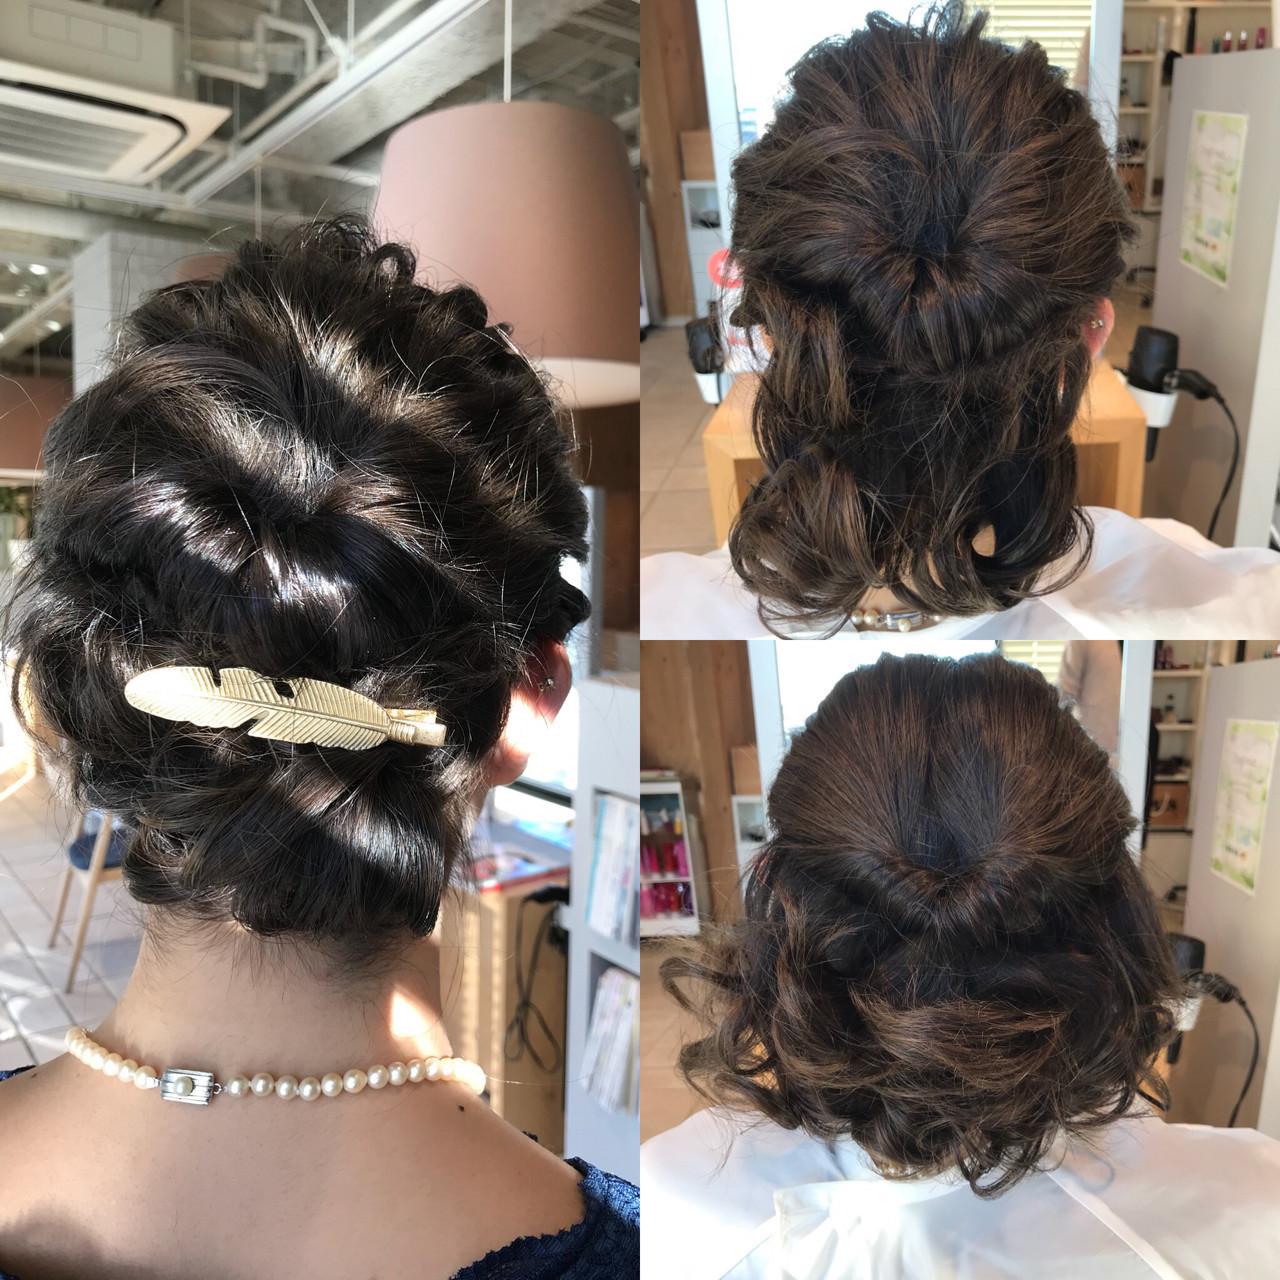 長さがない人こそロープ編み込み♪ YASU | hair salon M.plus ヨツバコ店 (ヘアーサロン エムプラス)